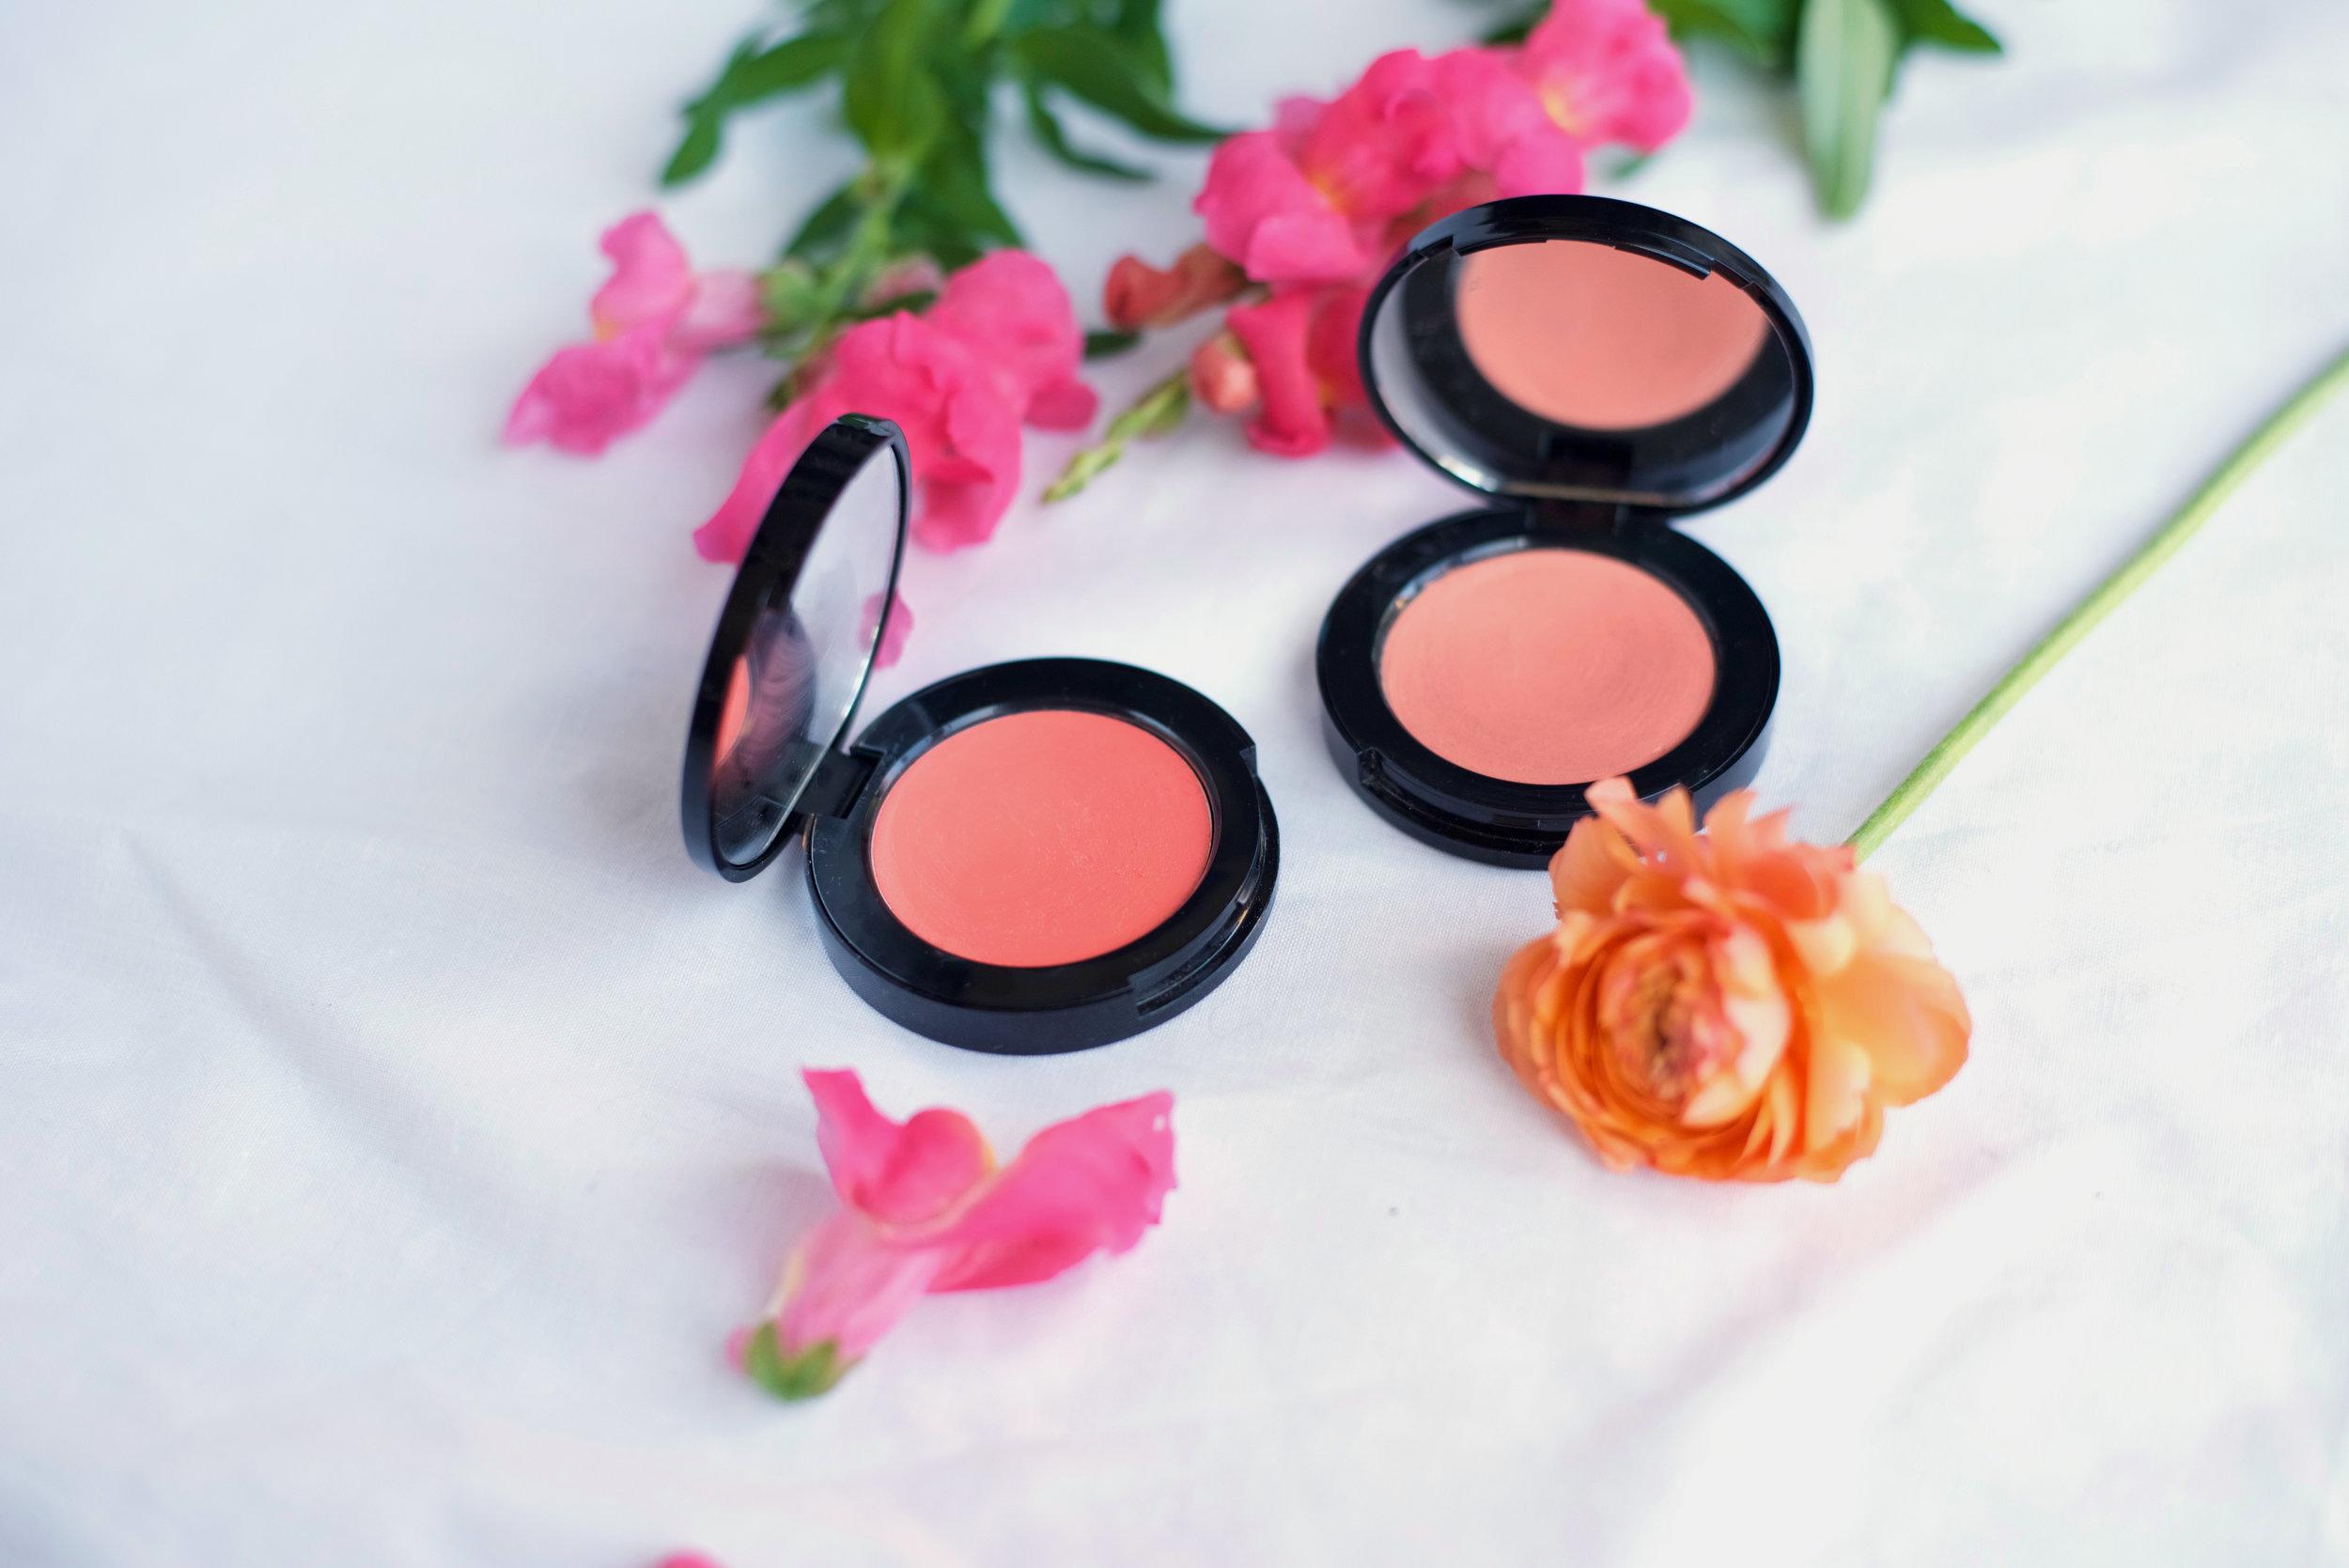 Bobbi-Brown-Pot-Rouge-Fresh-Melon-Calypso-Coral-Review_DSC_2375.jpg